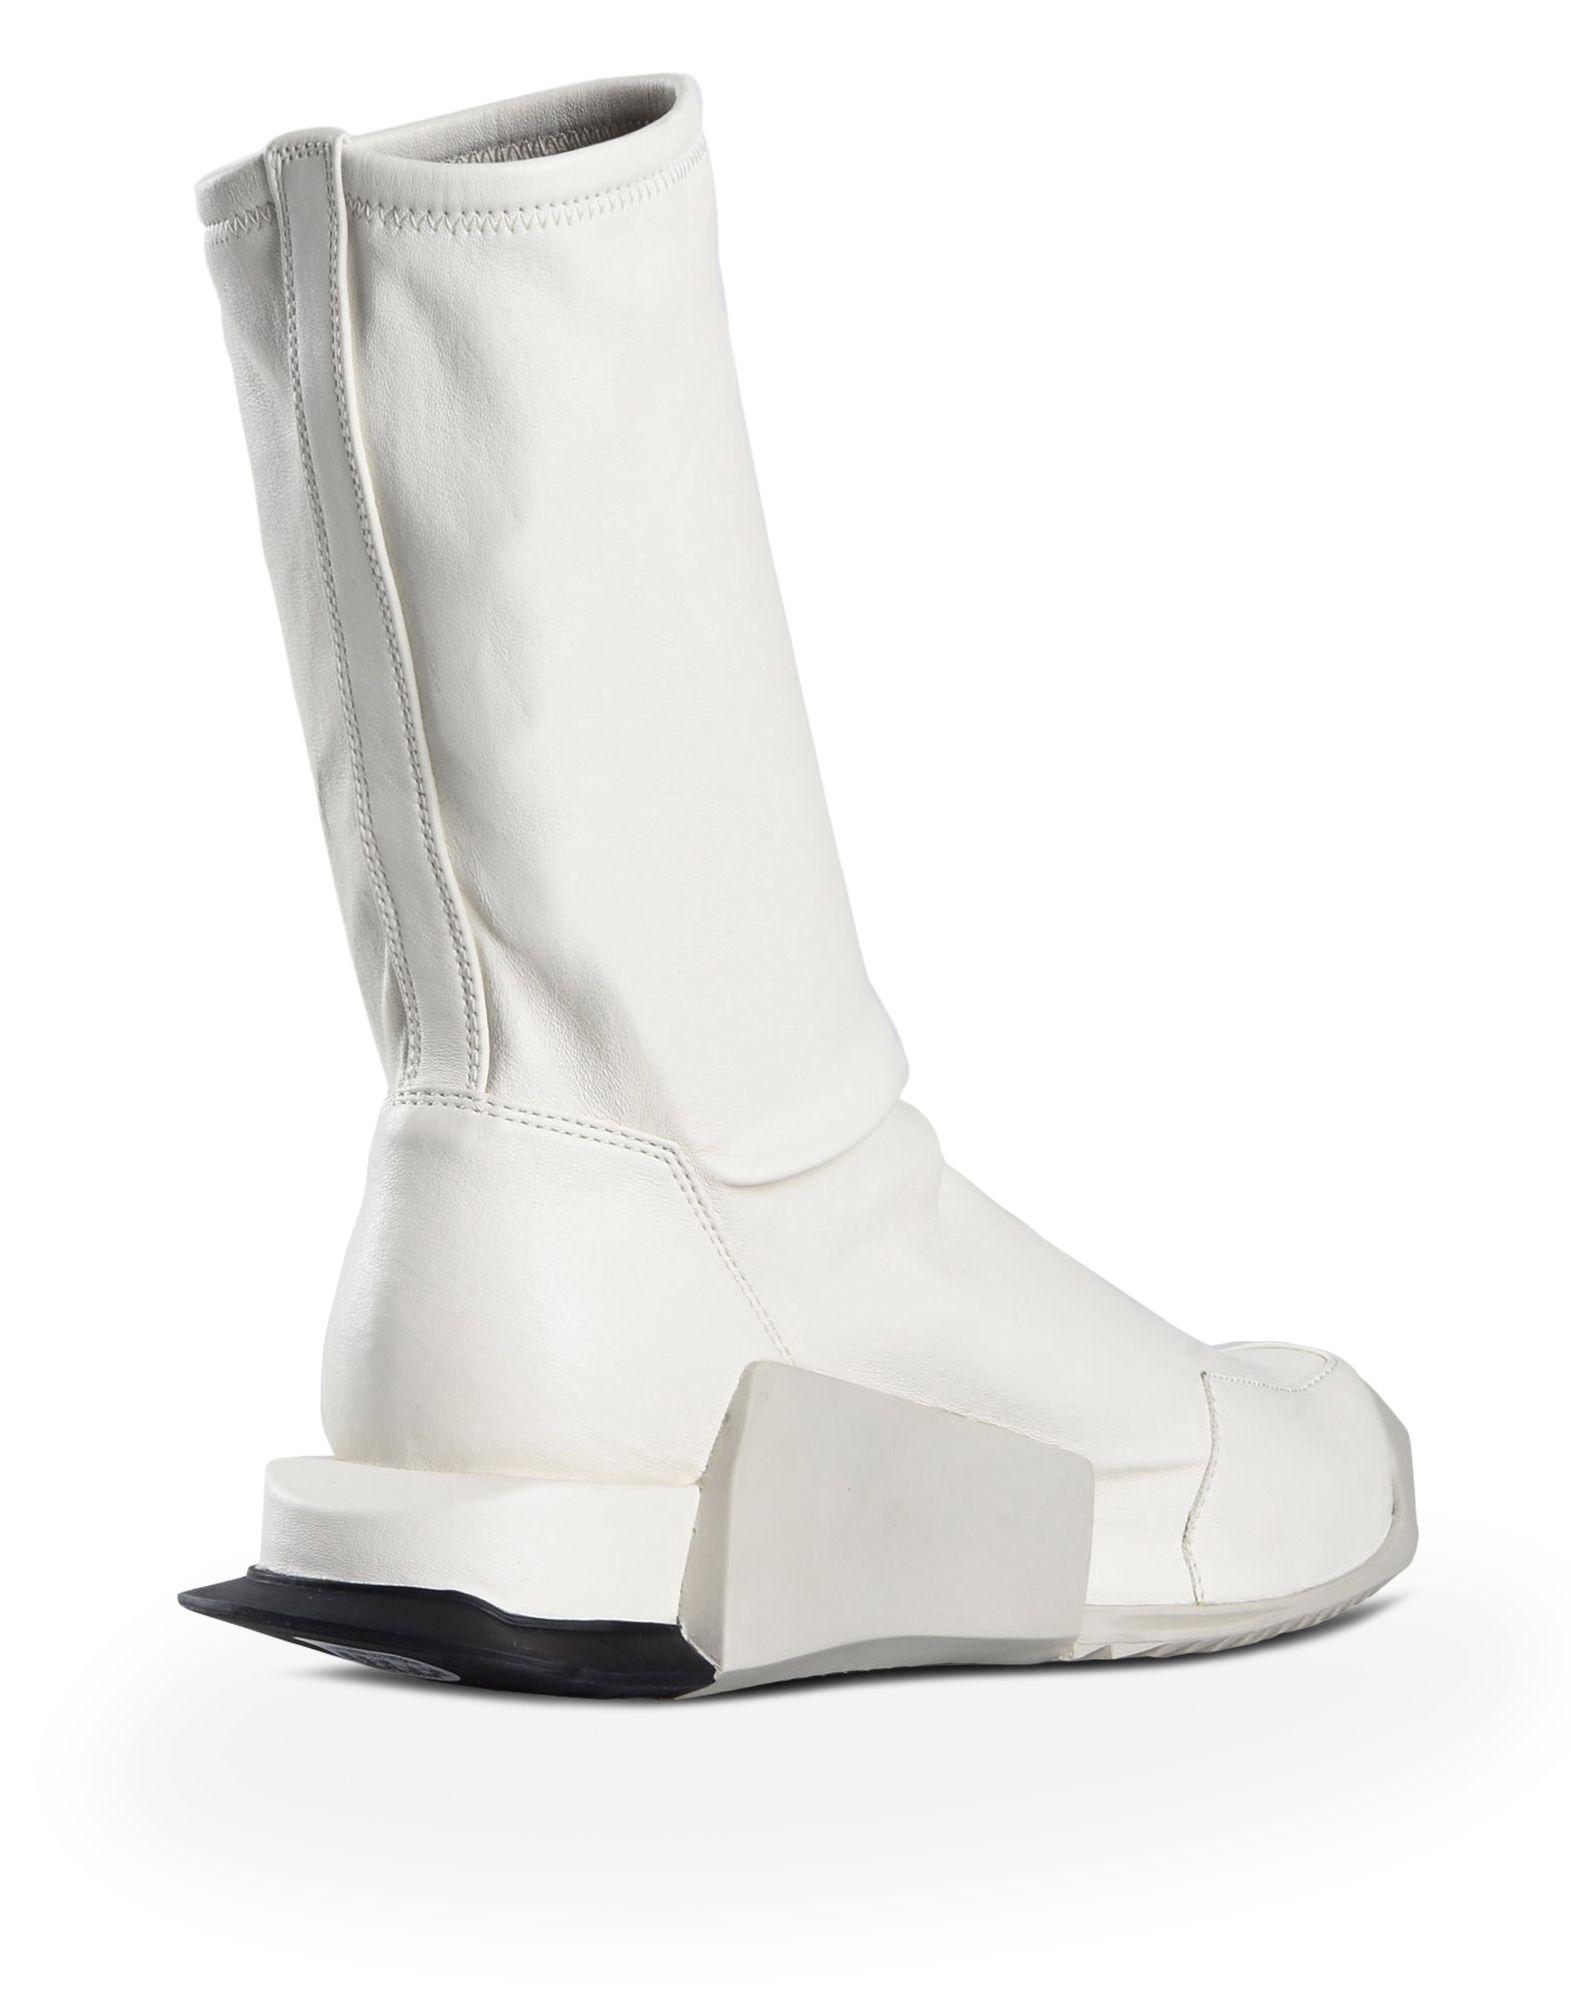 Rick Owens X Adidas Stiefelette Stiefelette Stiefelette Herren Gutes Preis-Leistungs-Verhältnis, es lohnt sich 25c8d3